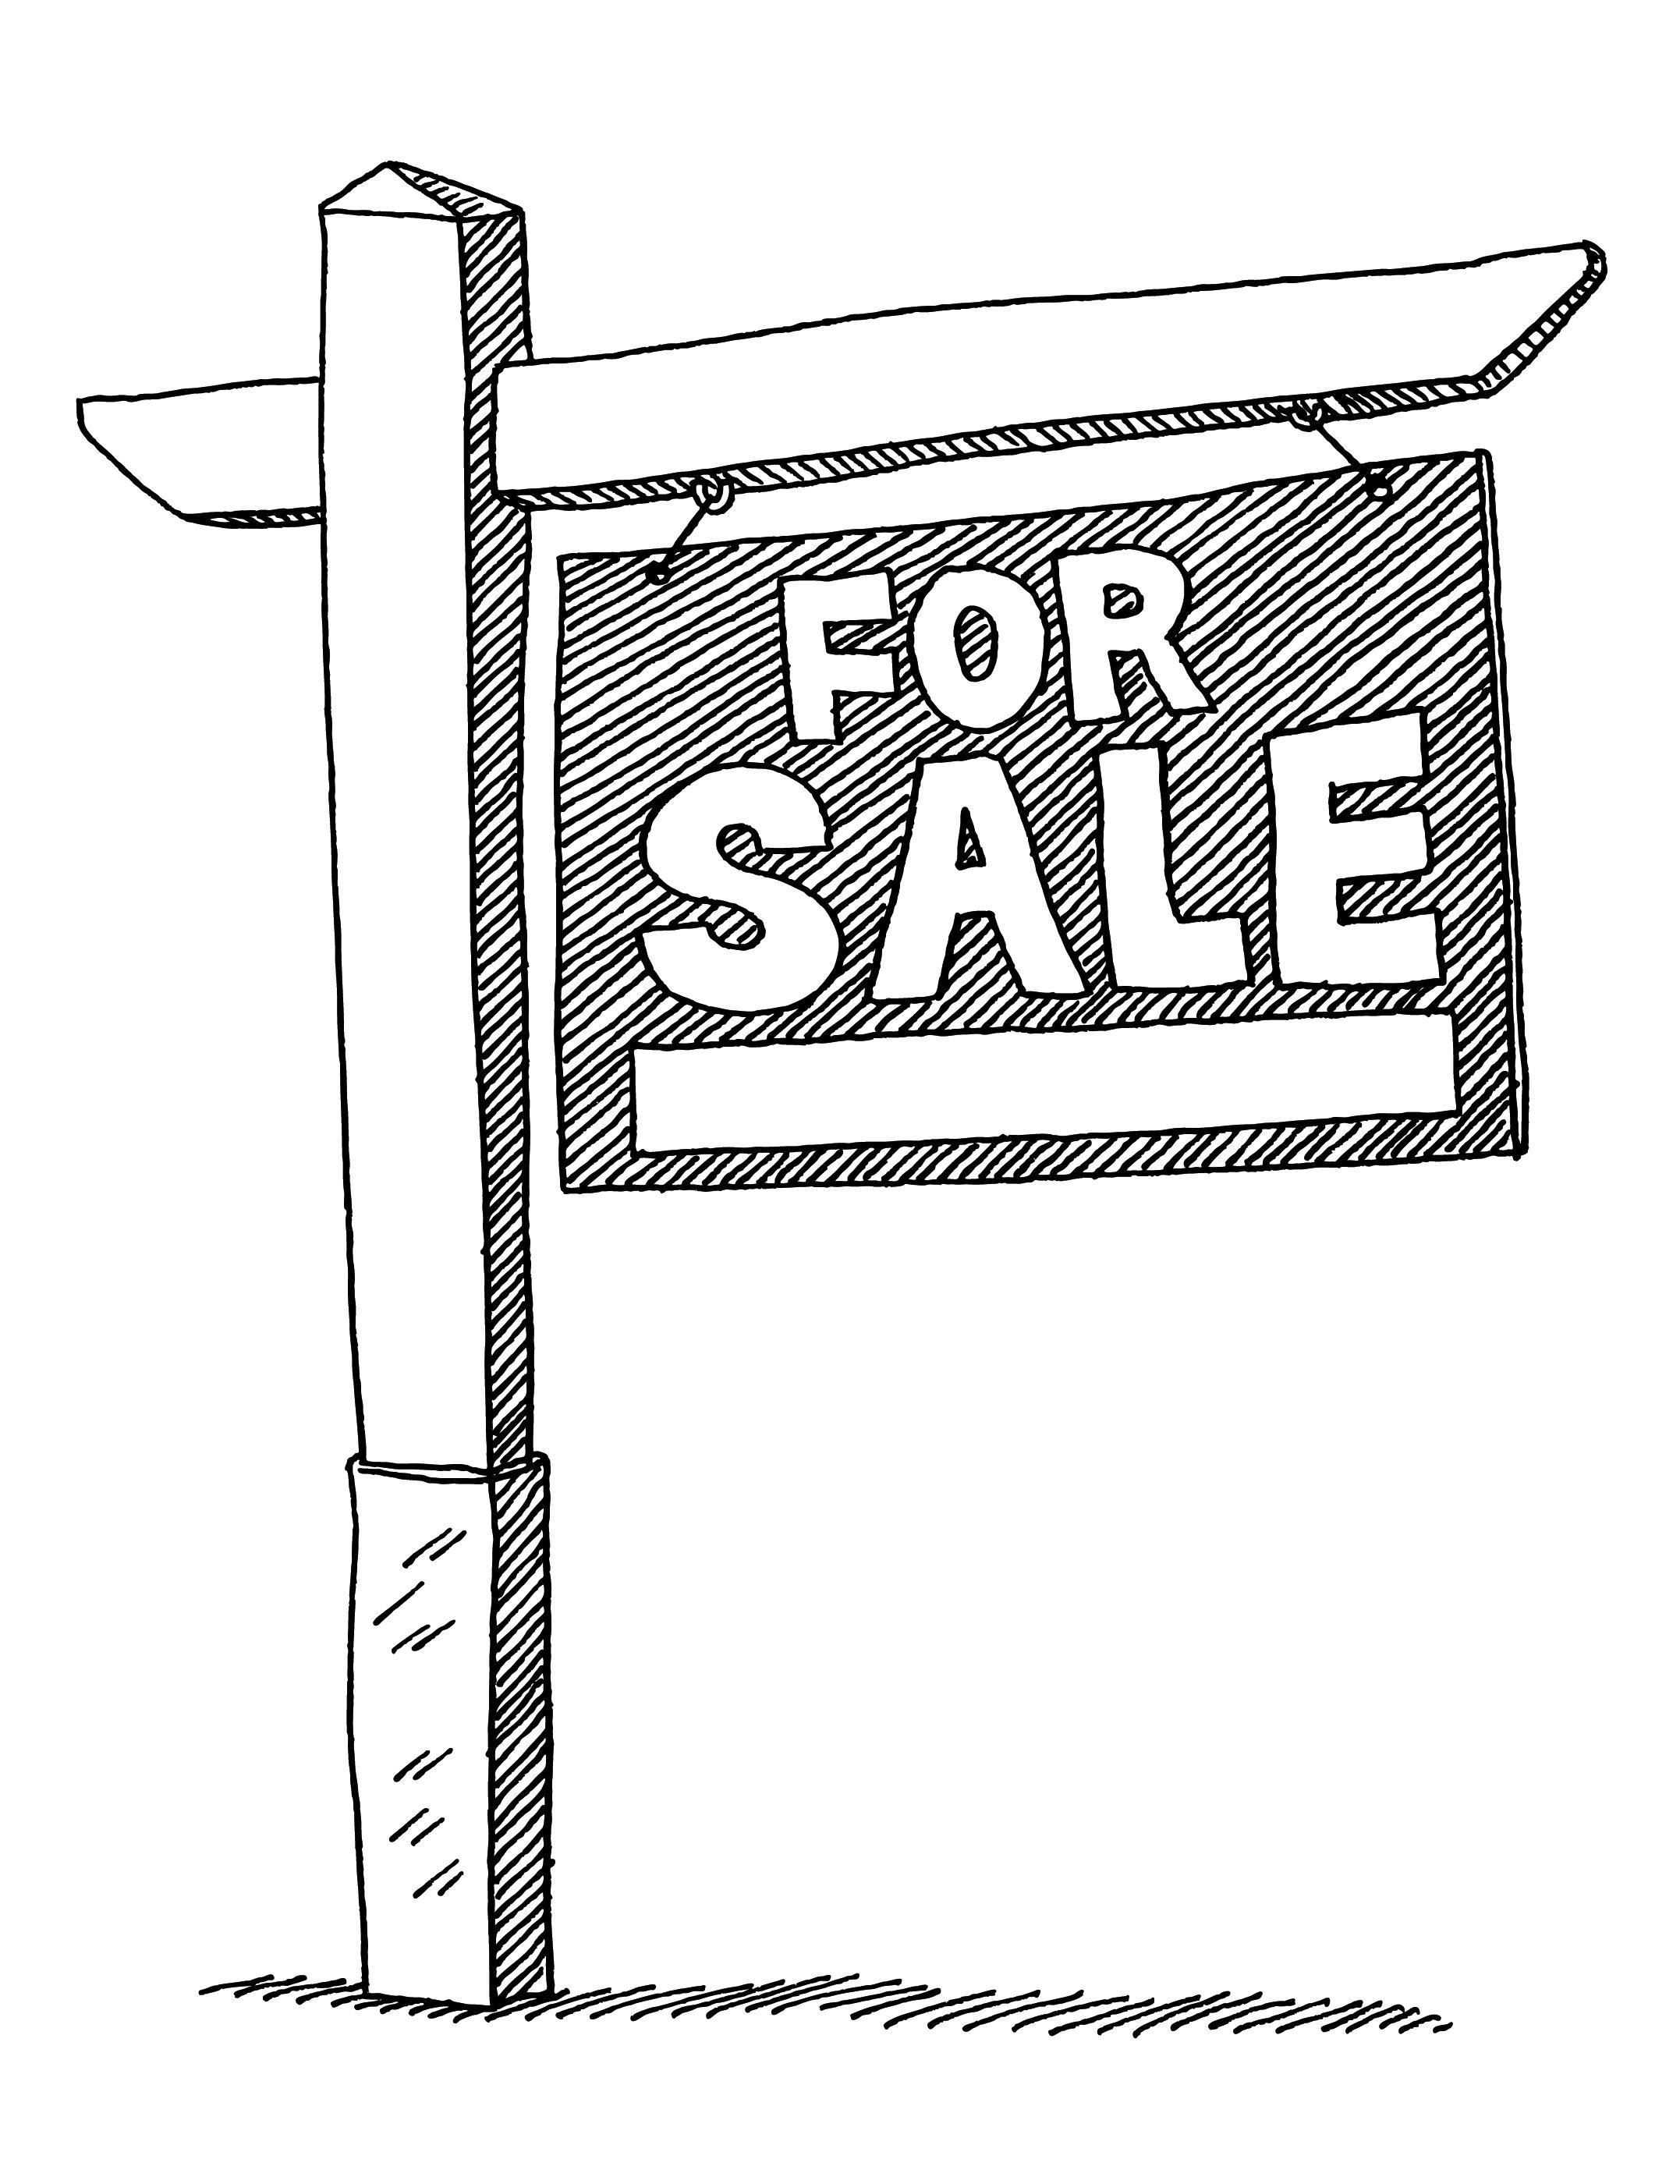 For Sale sign illustration april 2015